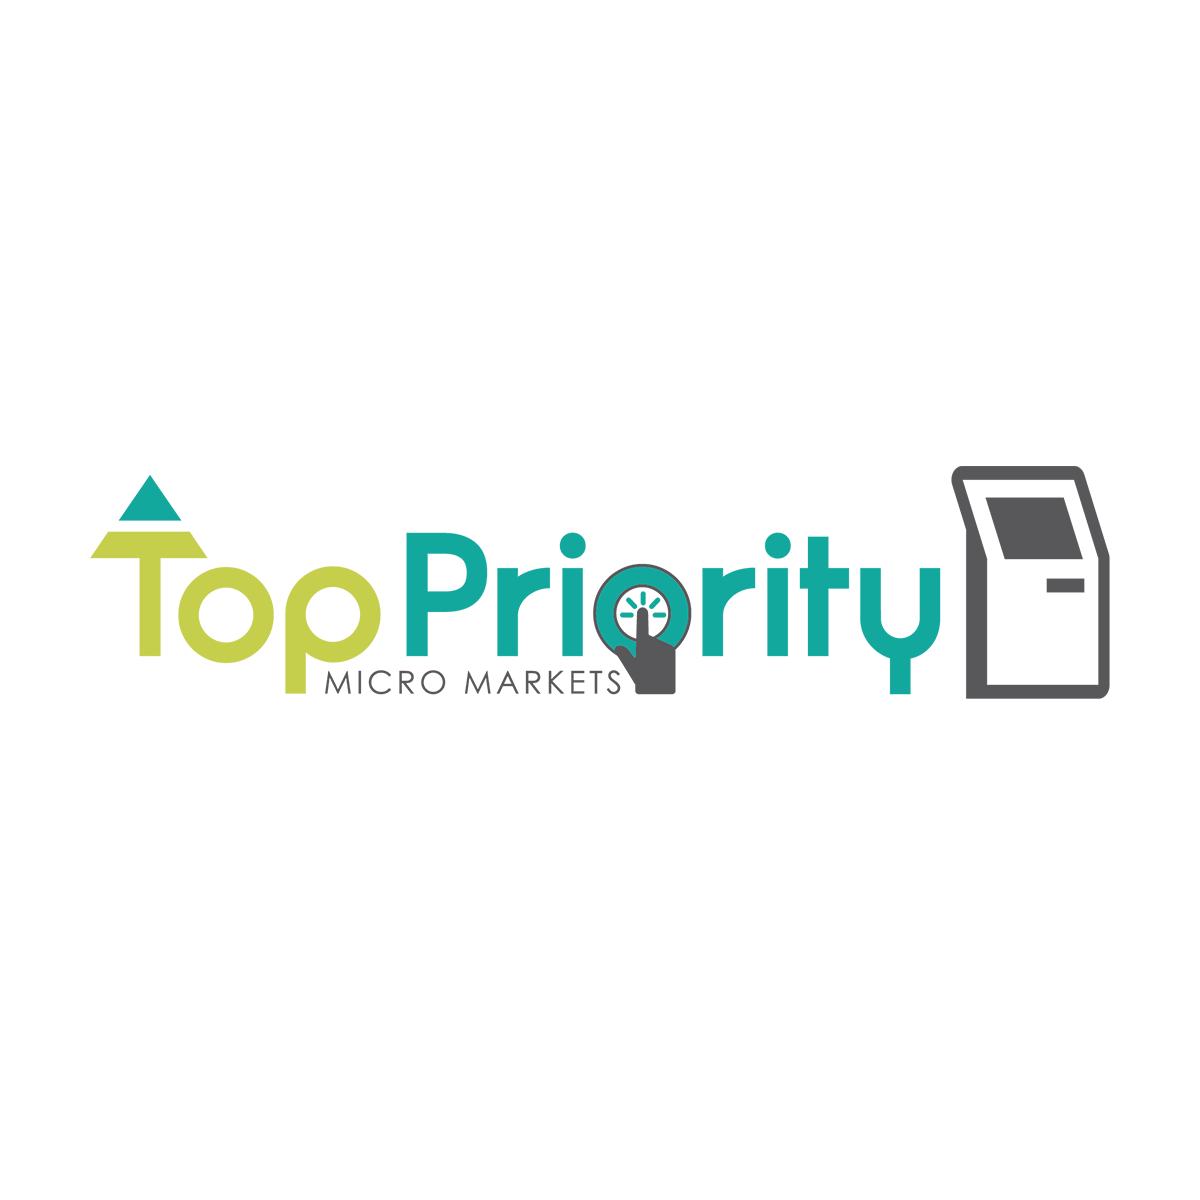 Top Priority micro